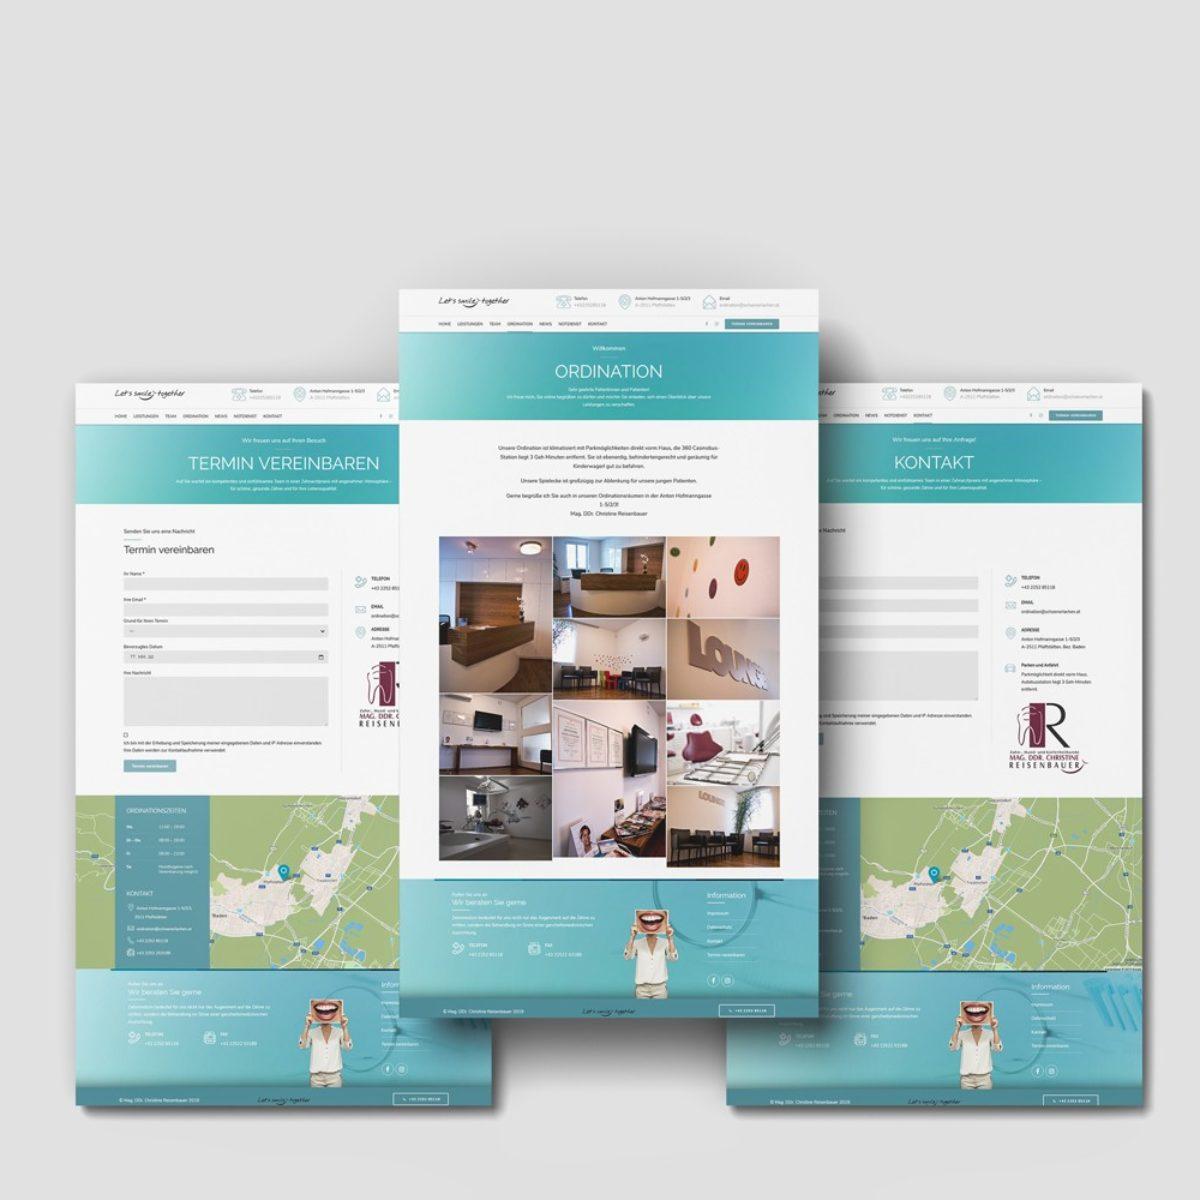 Webdesign Beispielprojekt DDr. Reisenbauer